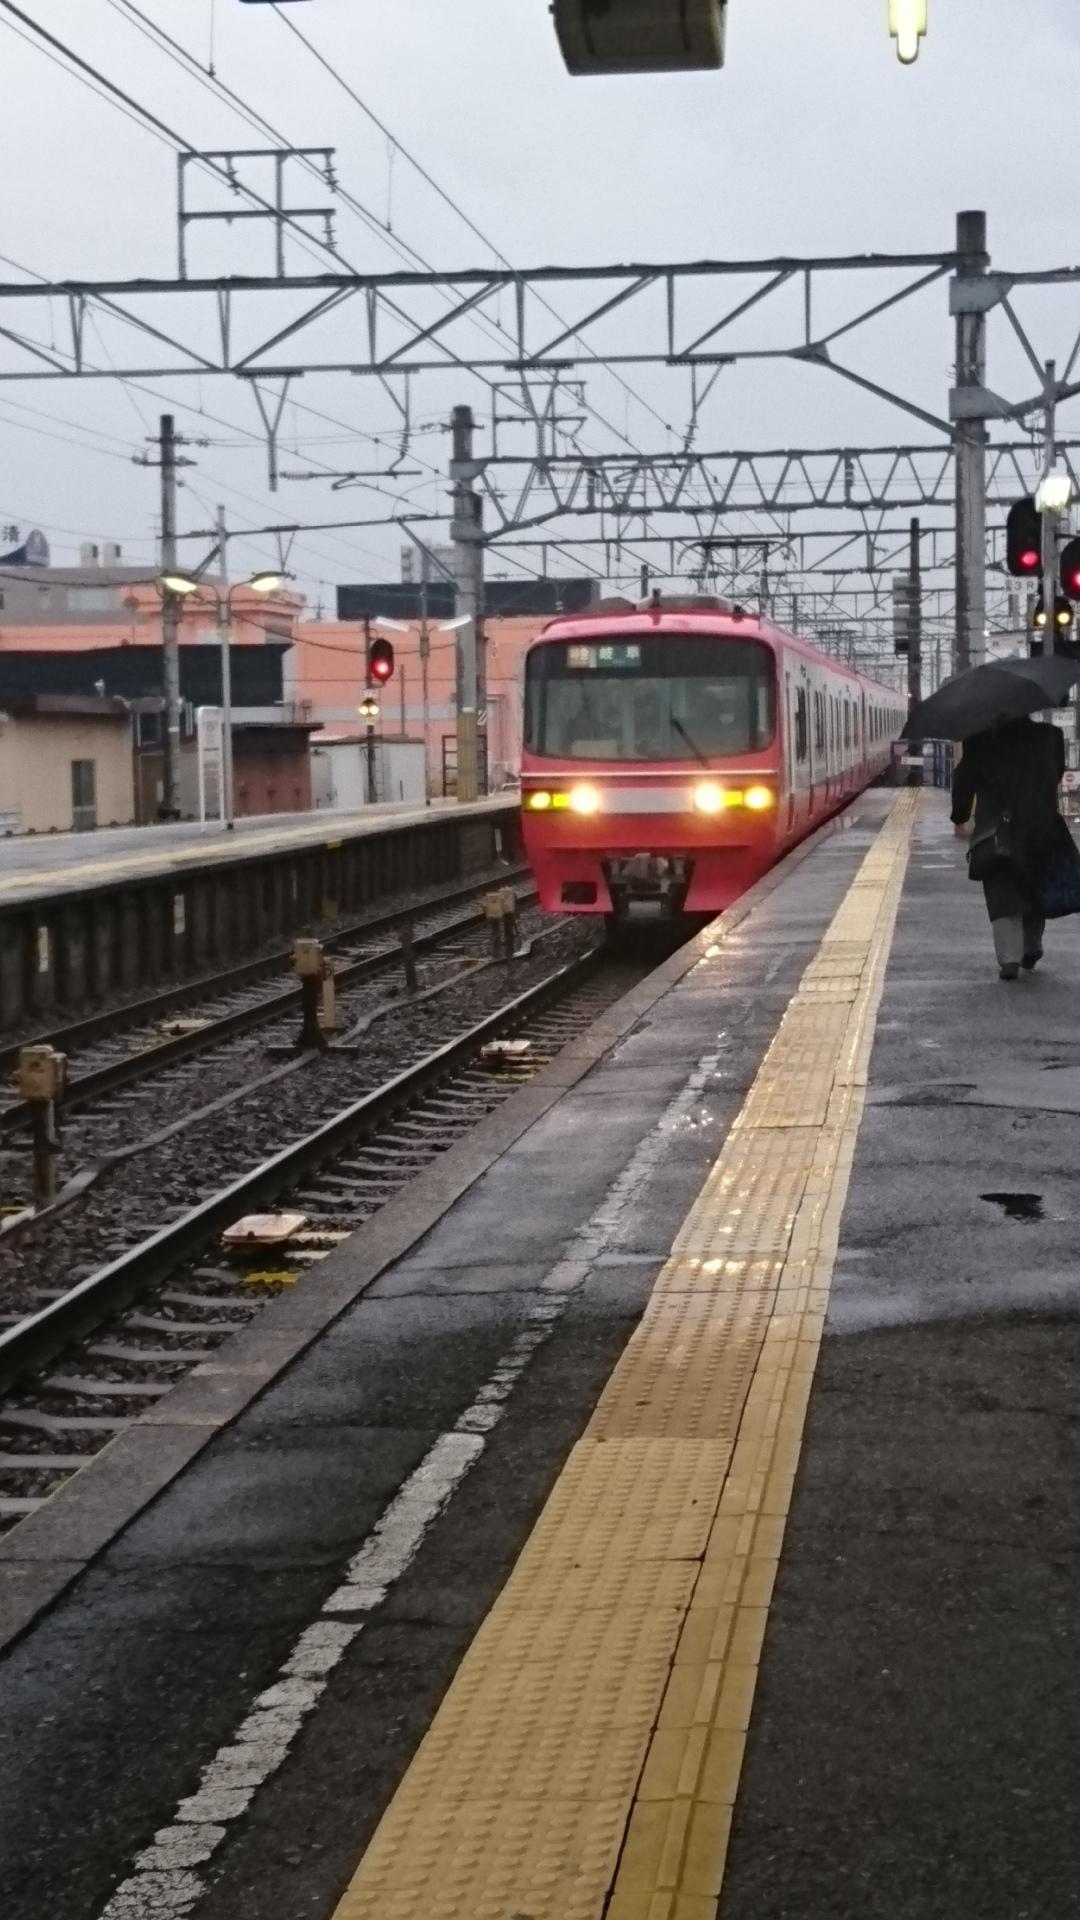 2018.1.8 名古屋 (6) しんあんじょう - 岐阜いき特急 1080-1920